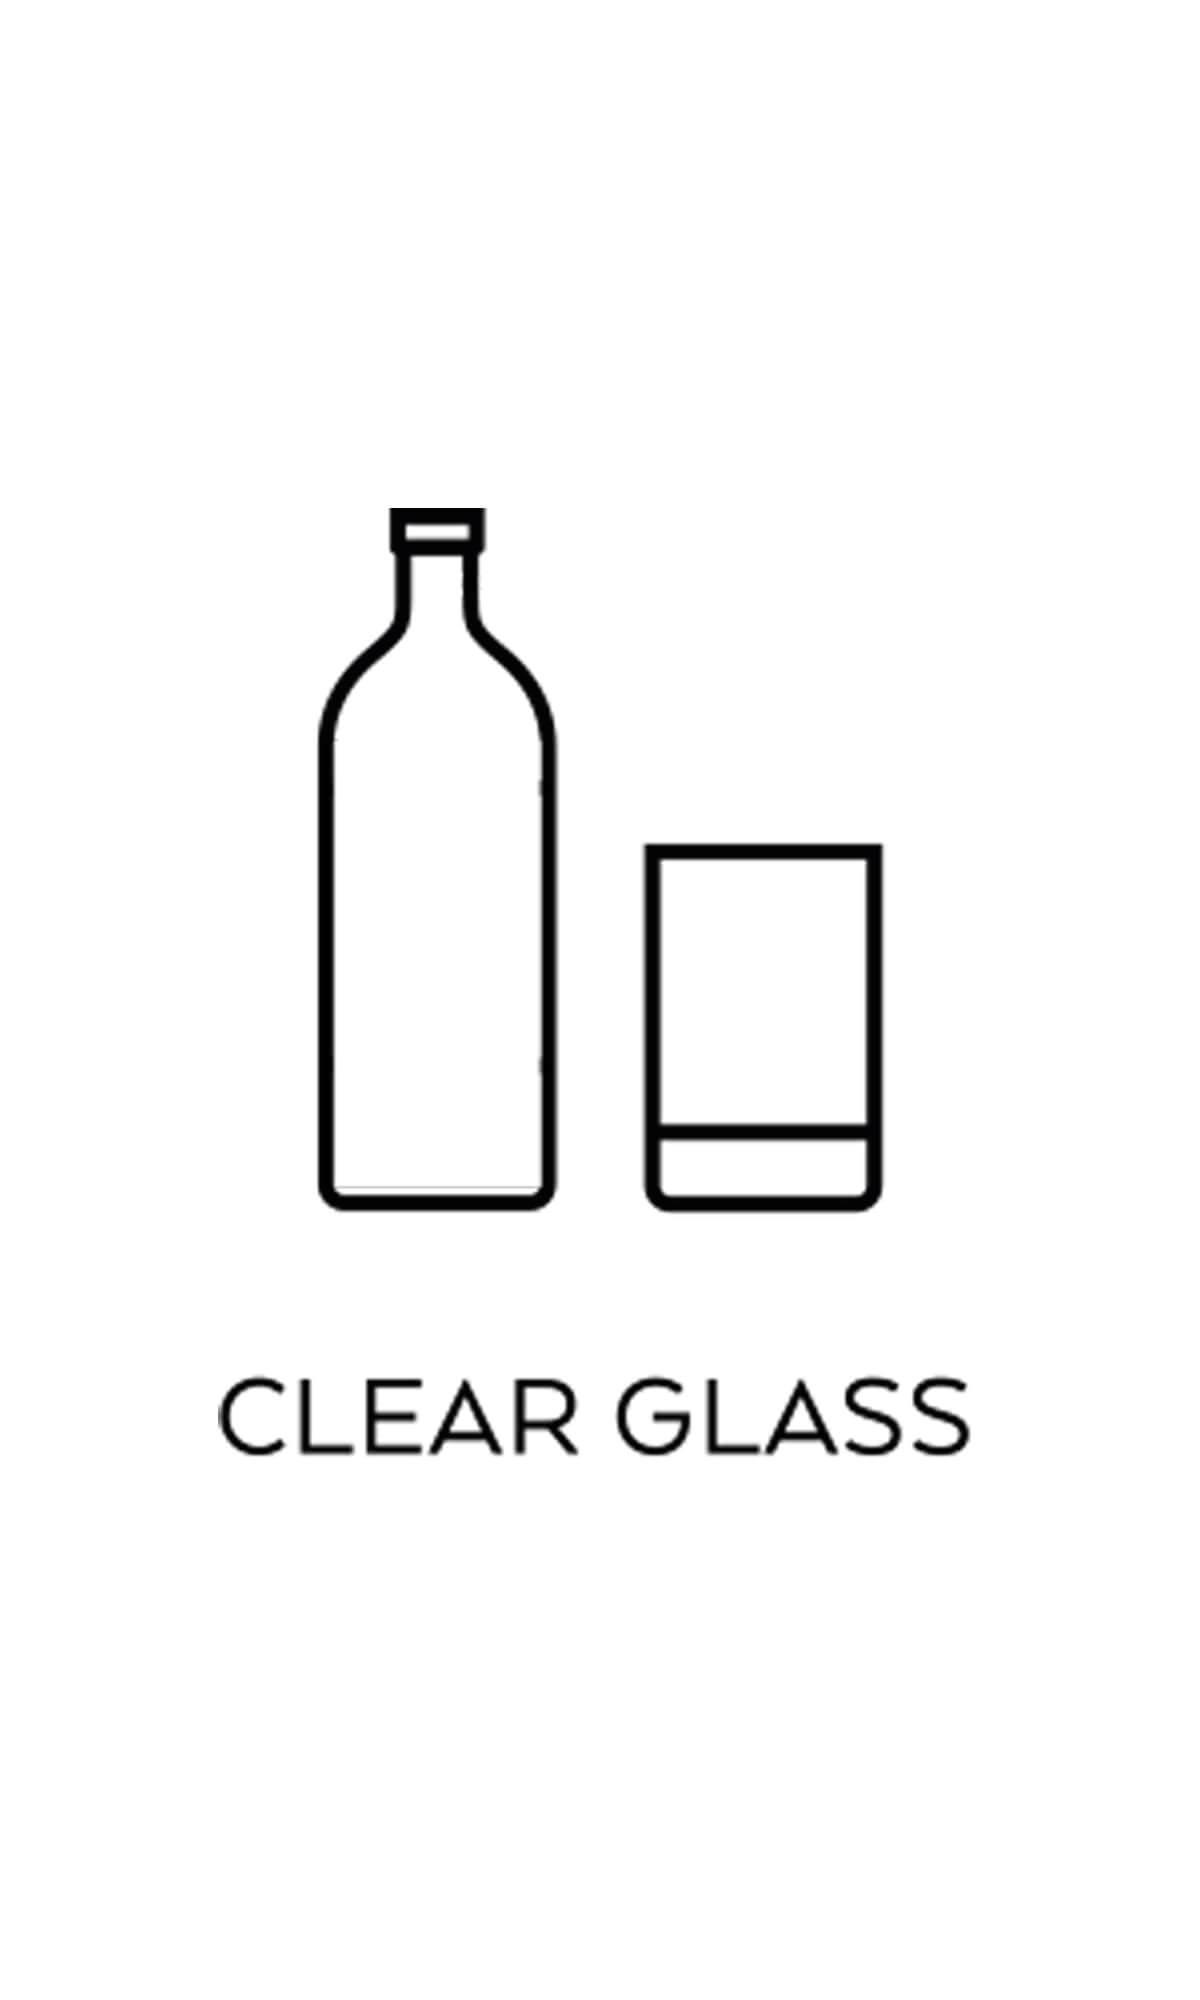 l källsortering ofärgat glas symbol miljö återvinning